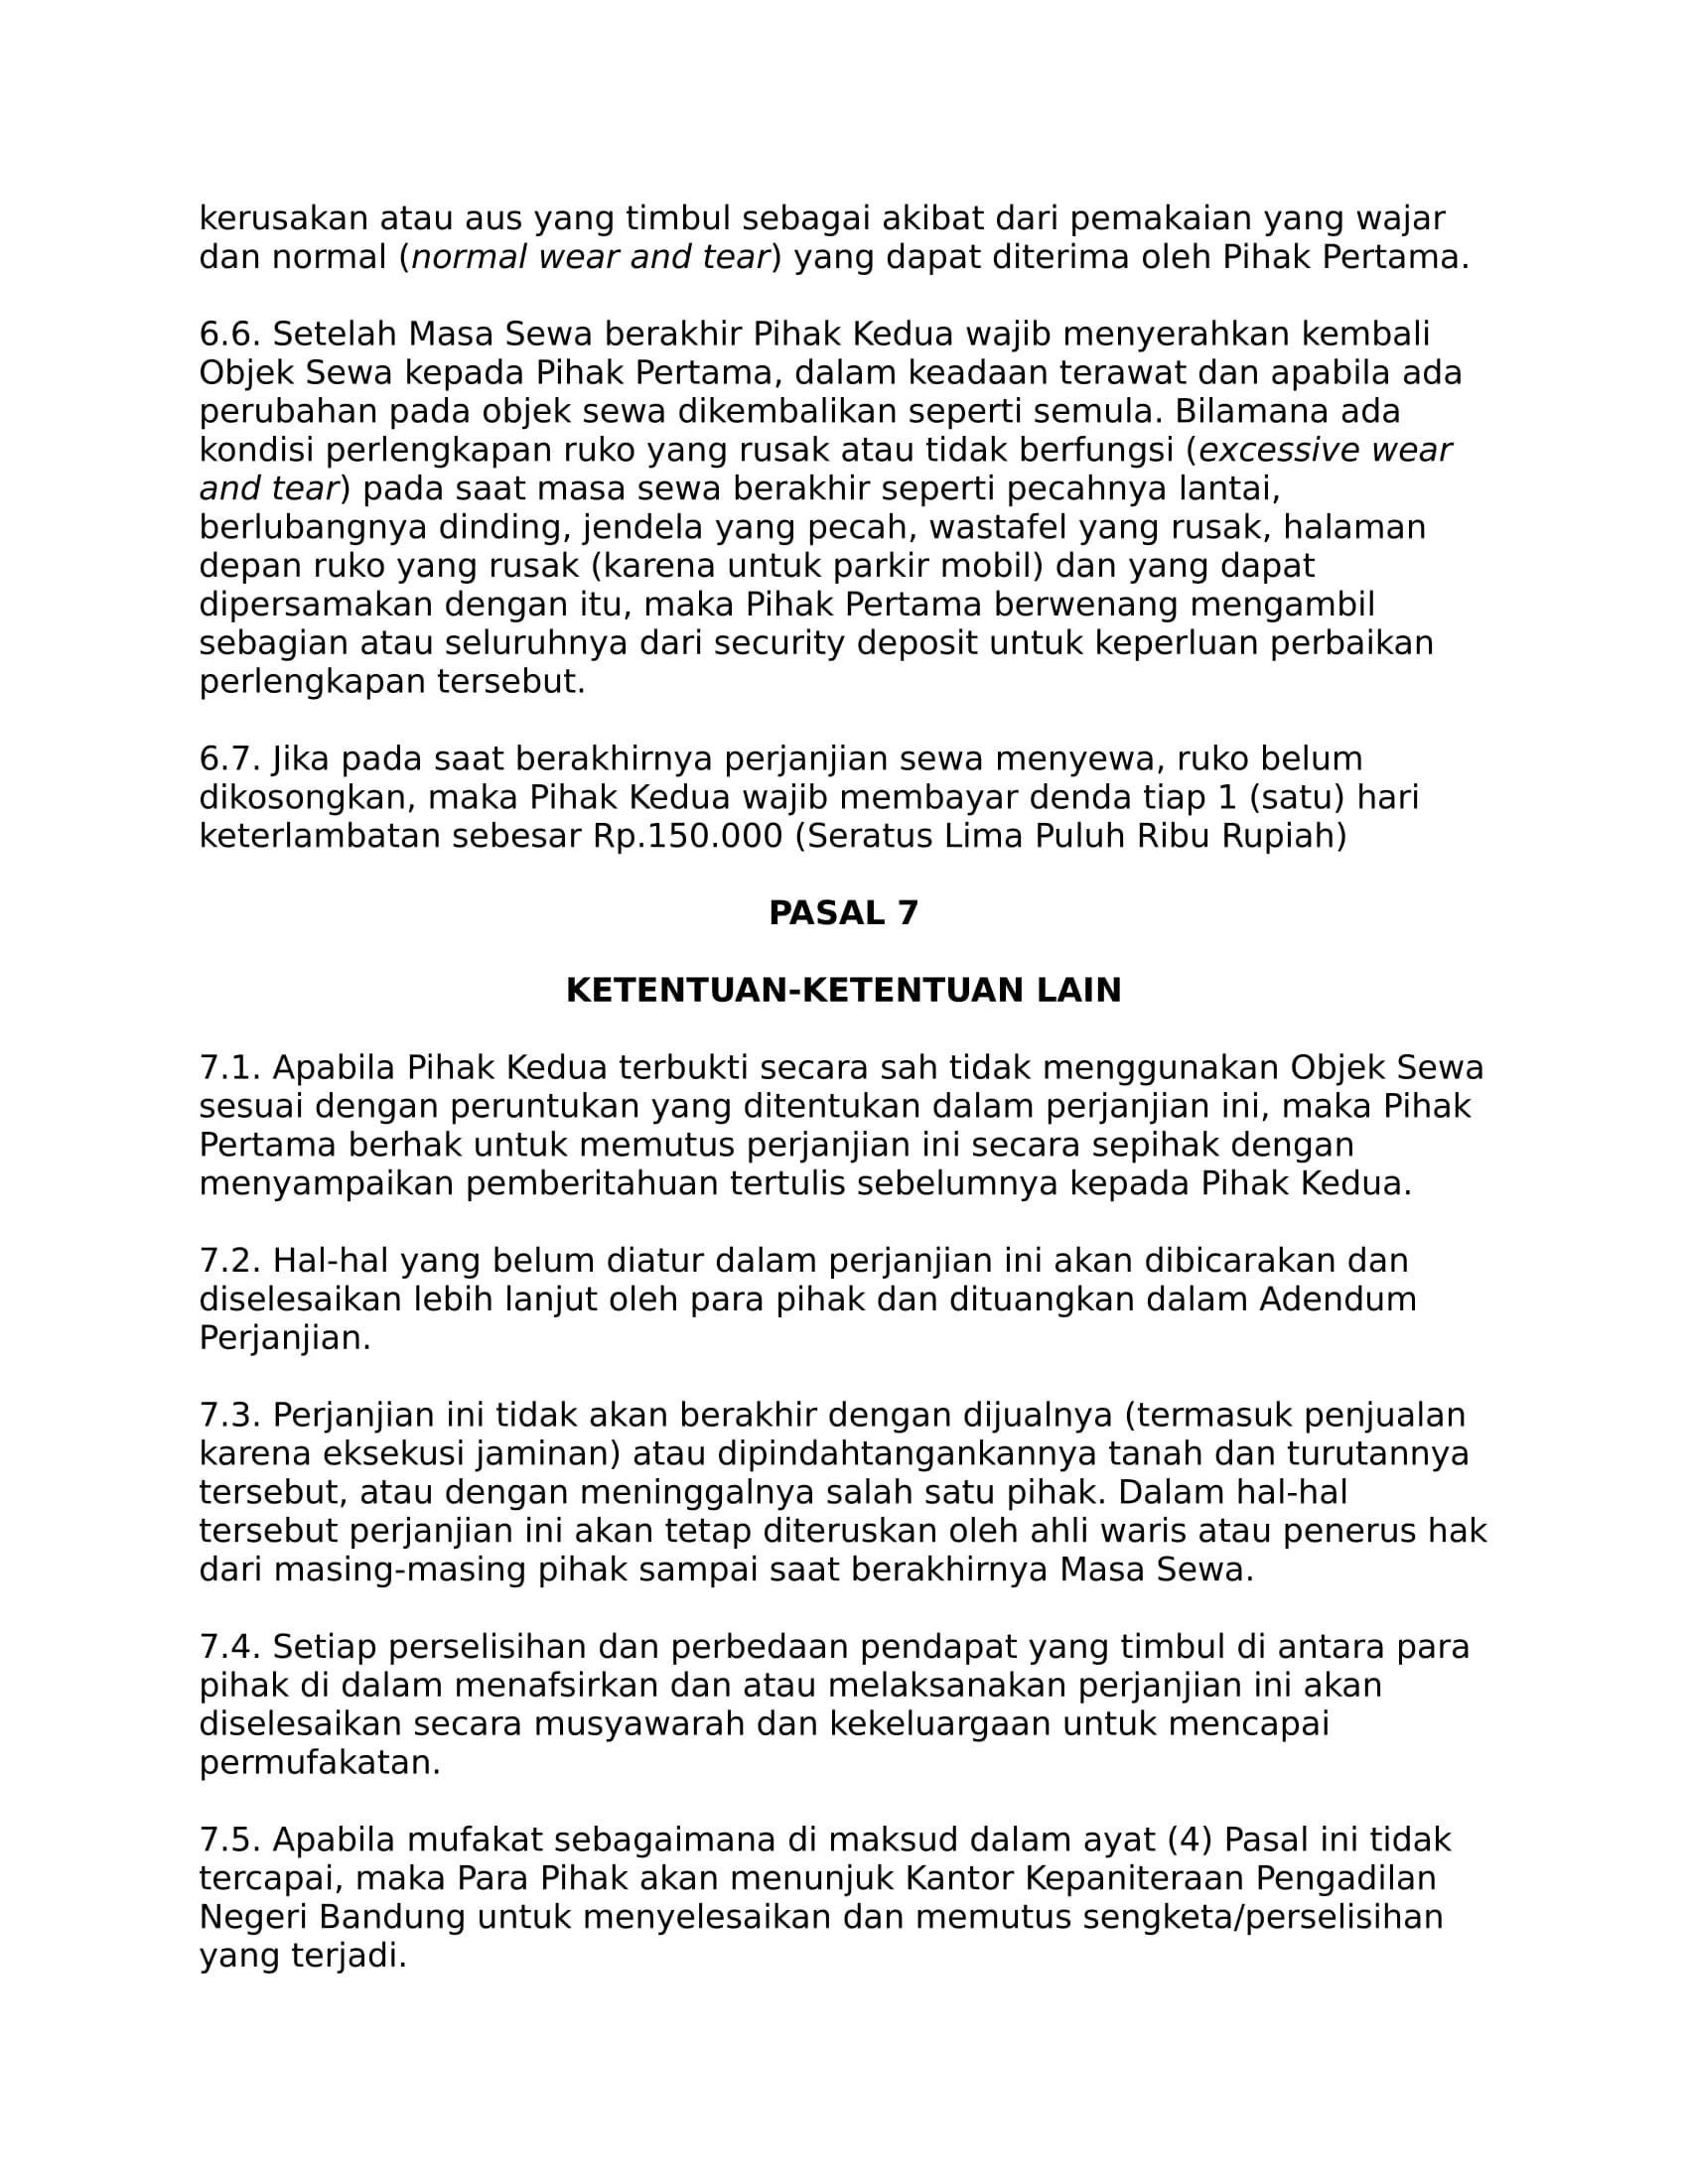 Perjanjian Sewa Ruko dari Lamudi 5